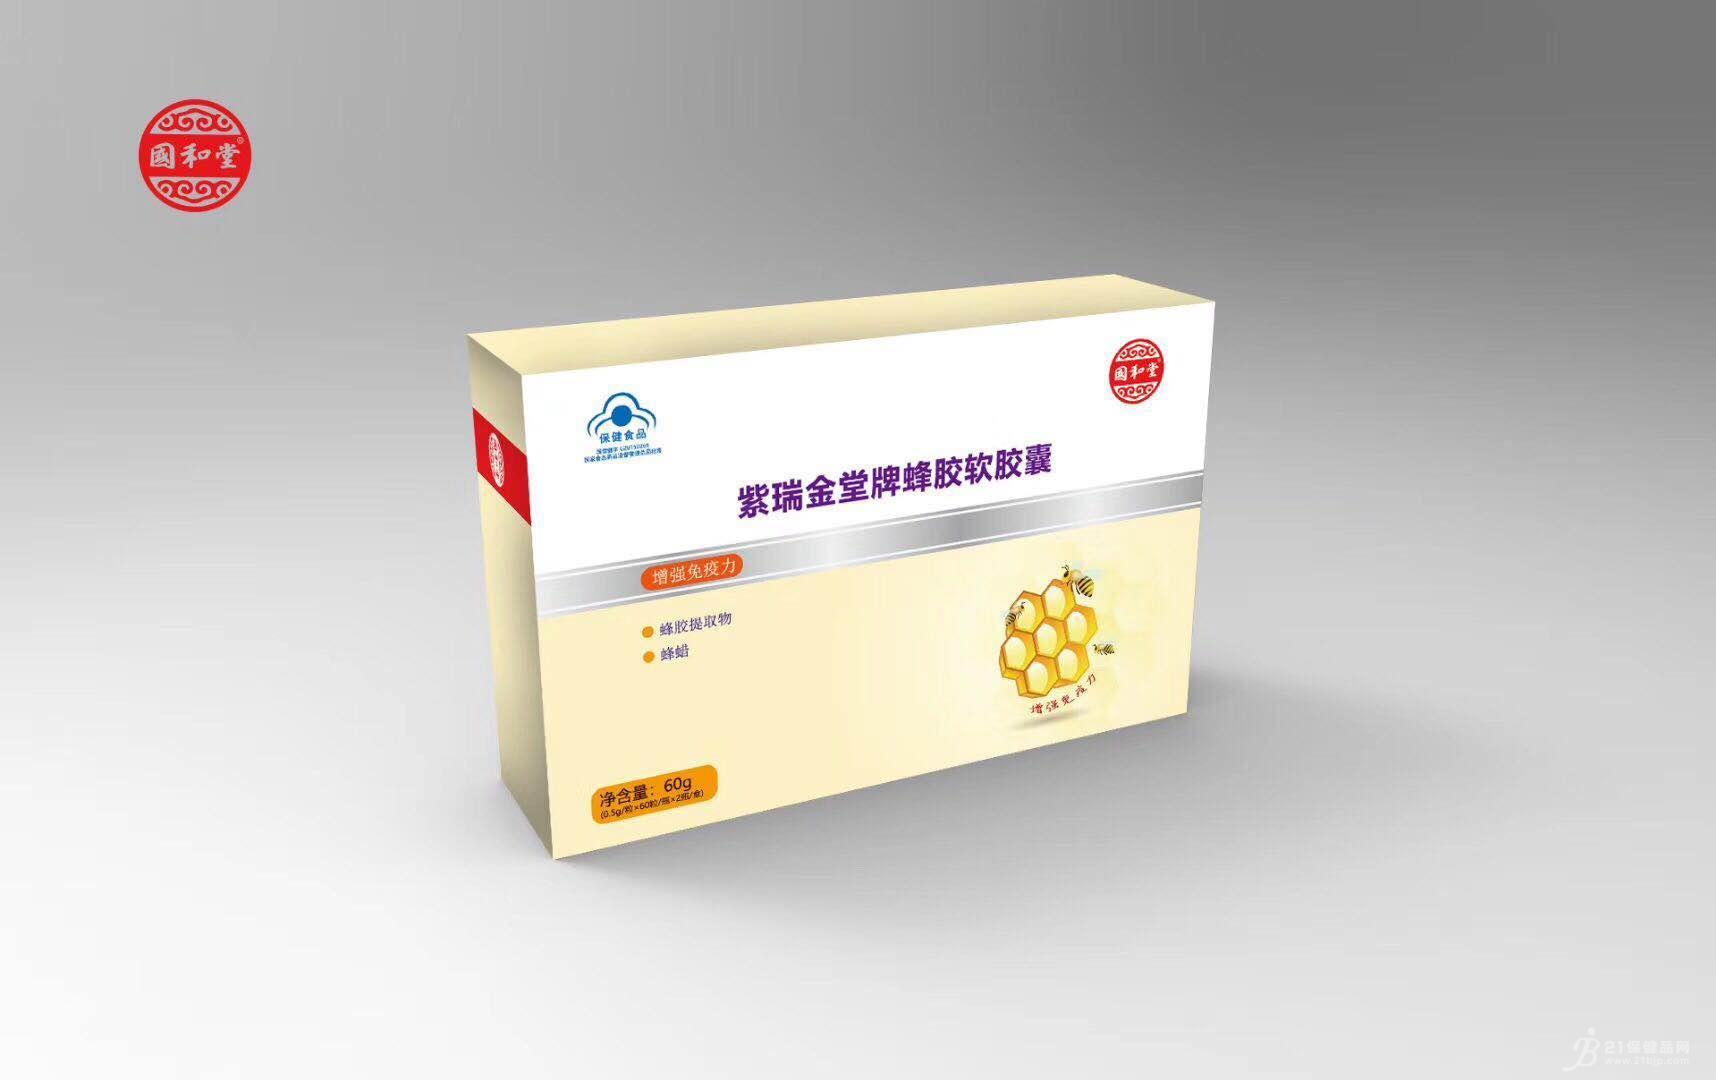 国和堂紫瑞金堂牌蜂胶软胶囊OEM贴牌代加工